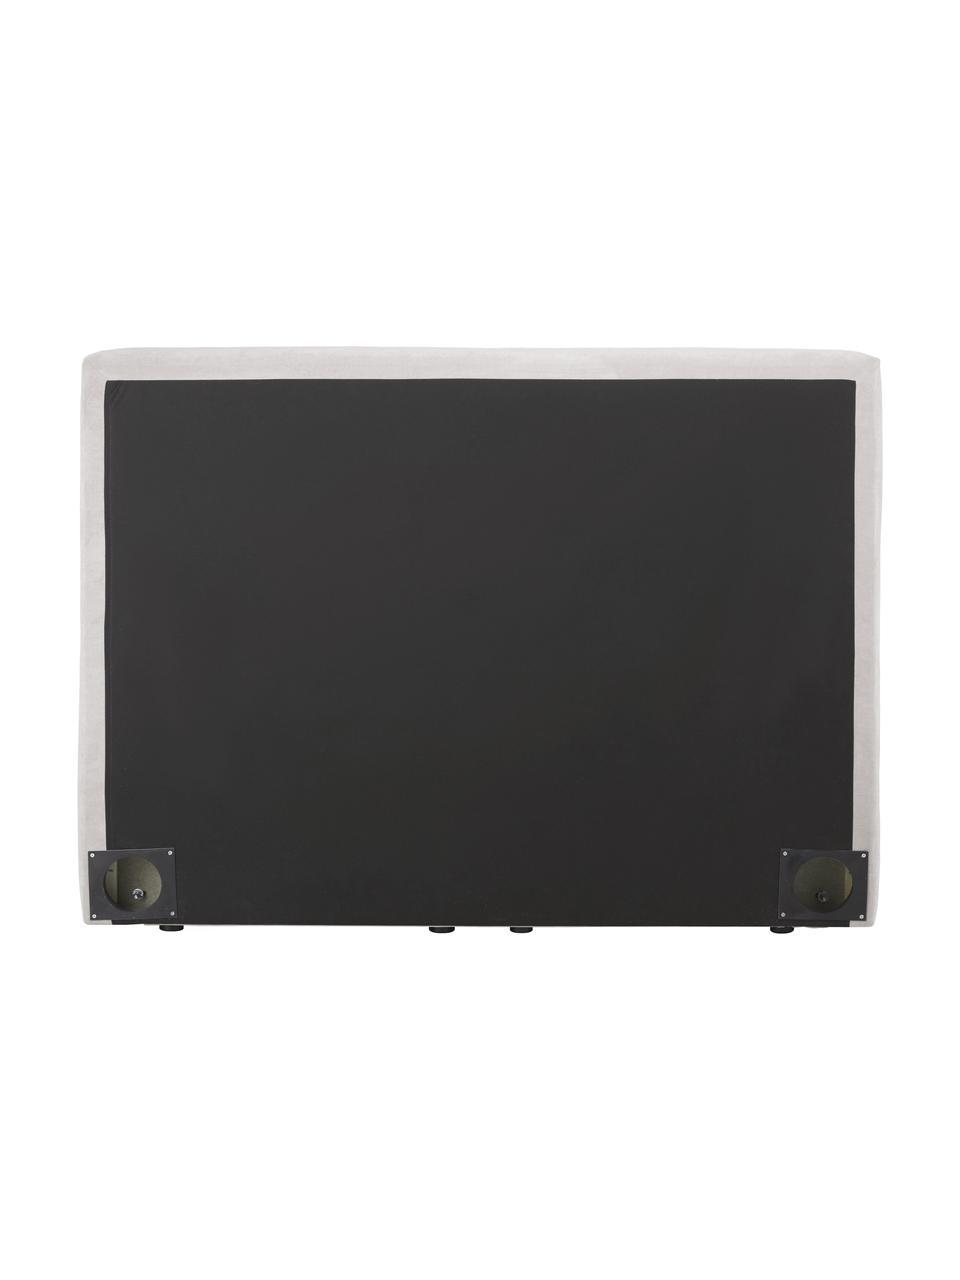 Boxspringbett Oberon in  Hellbeige, Matratze: 5-Zonen-Taschenfederkern, Füße: Kunststoff, Webstoff Hellbeige, 200 x 200 cm